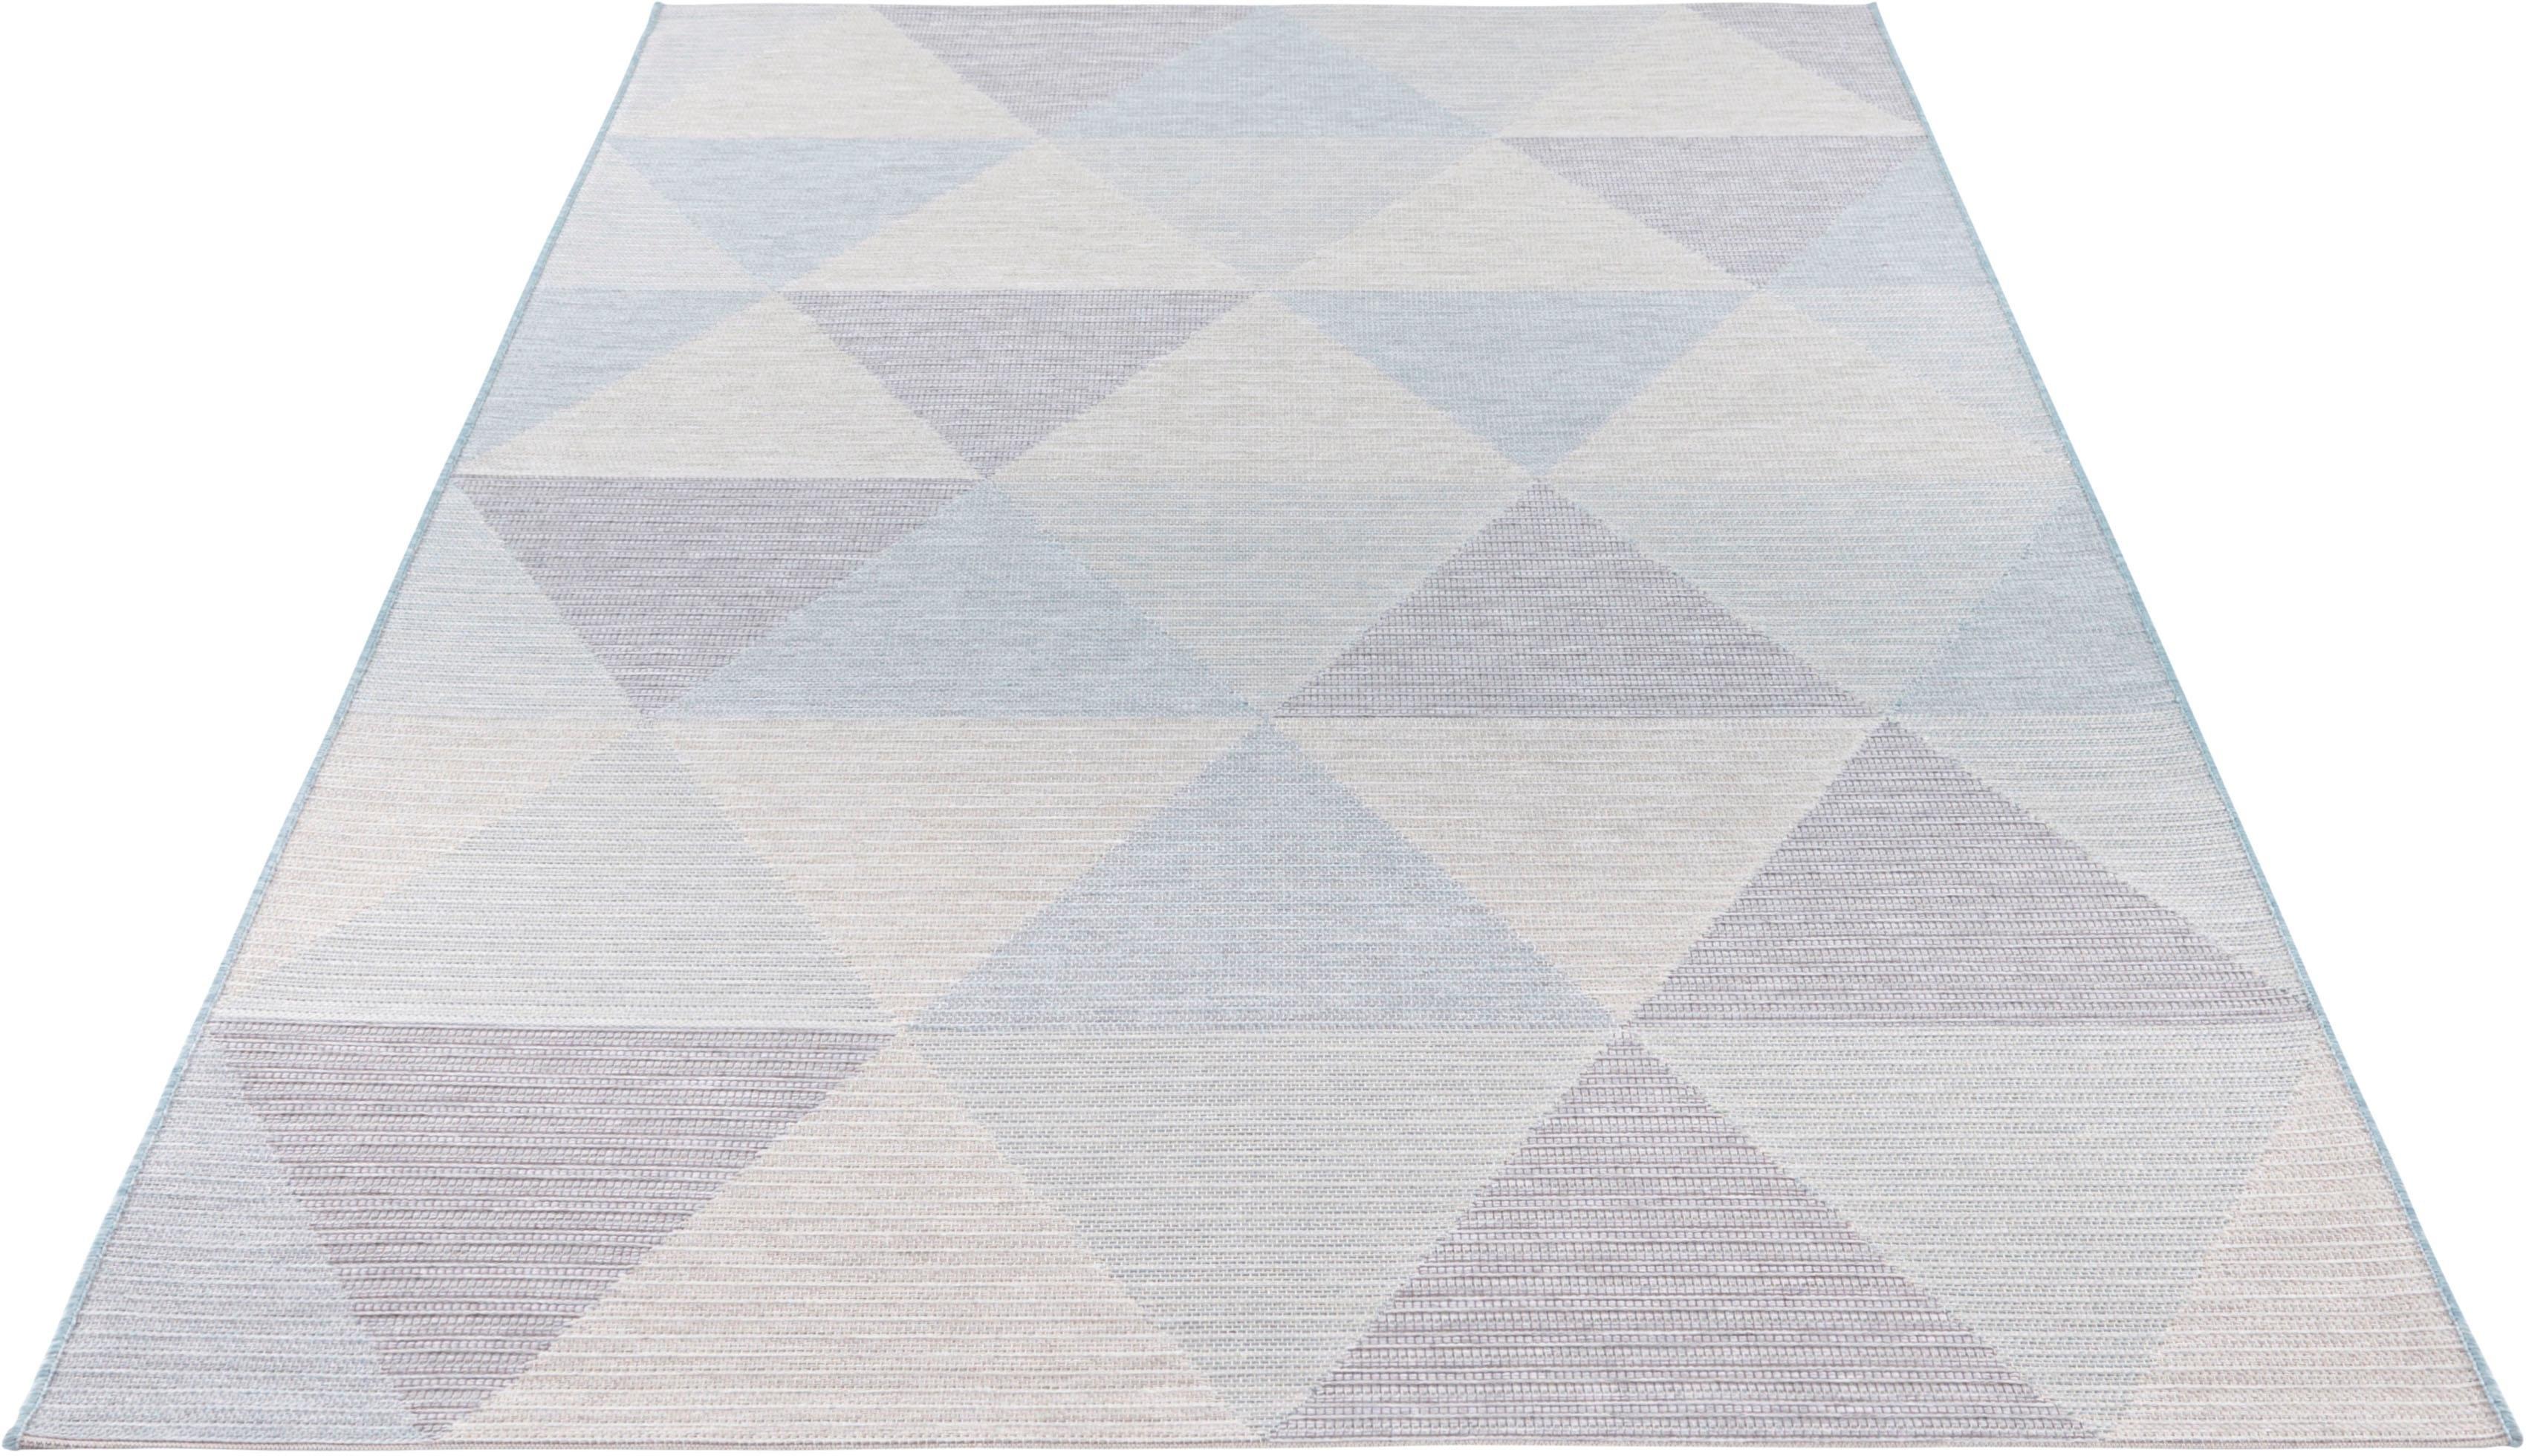 ELLE DECORATION vloerkleed Sevres Platweefsel, geschikt voor binnen en buiten, geometrisch design, voor terras en balkon, woonkamer online kopen op otto.nl